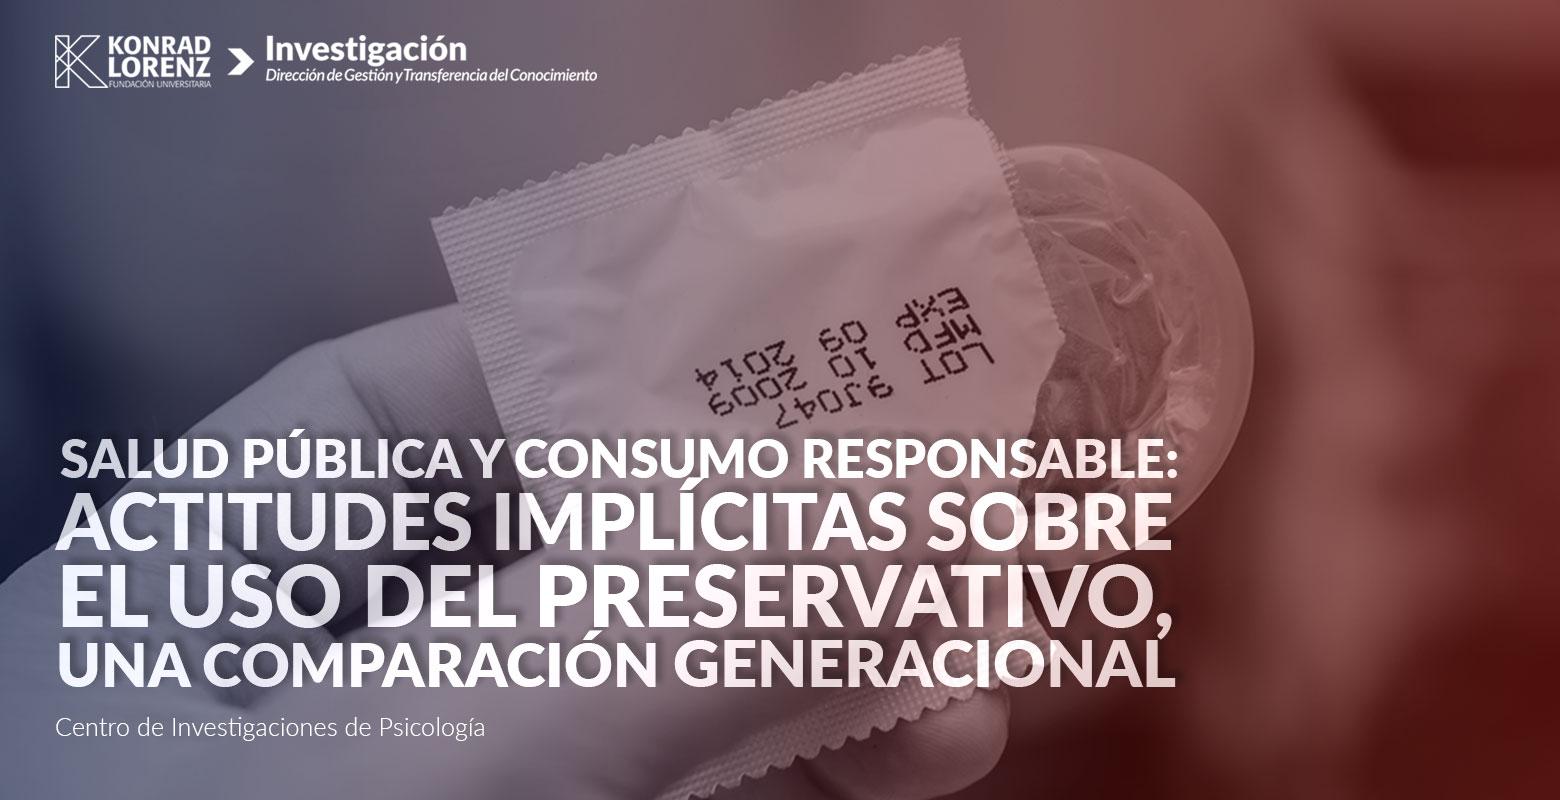 Salud Pública y consumo responsable: actitudes implícitas sobre el uso del preservativo, una comparación generacional